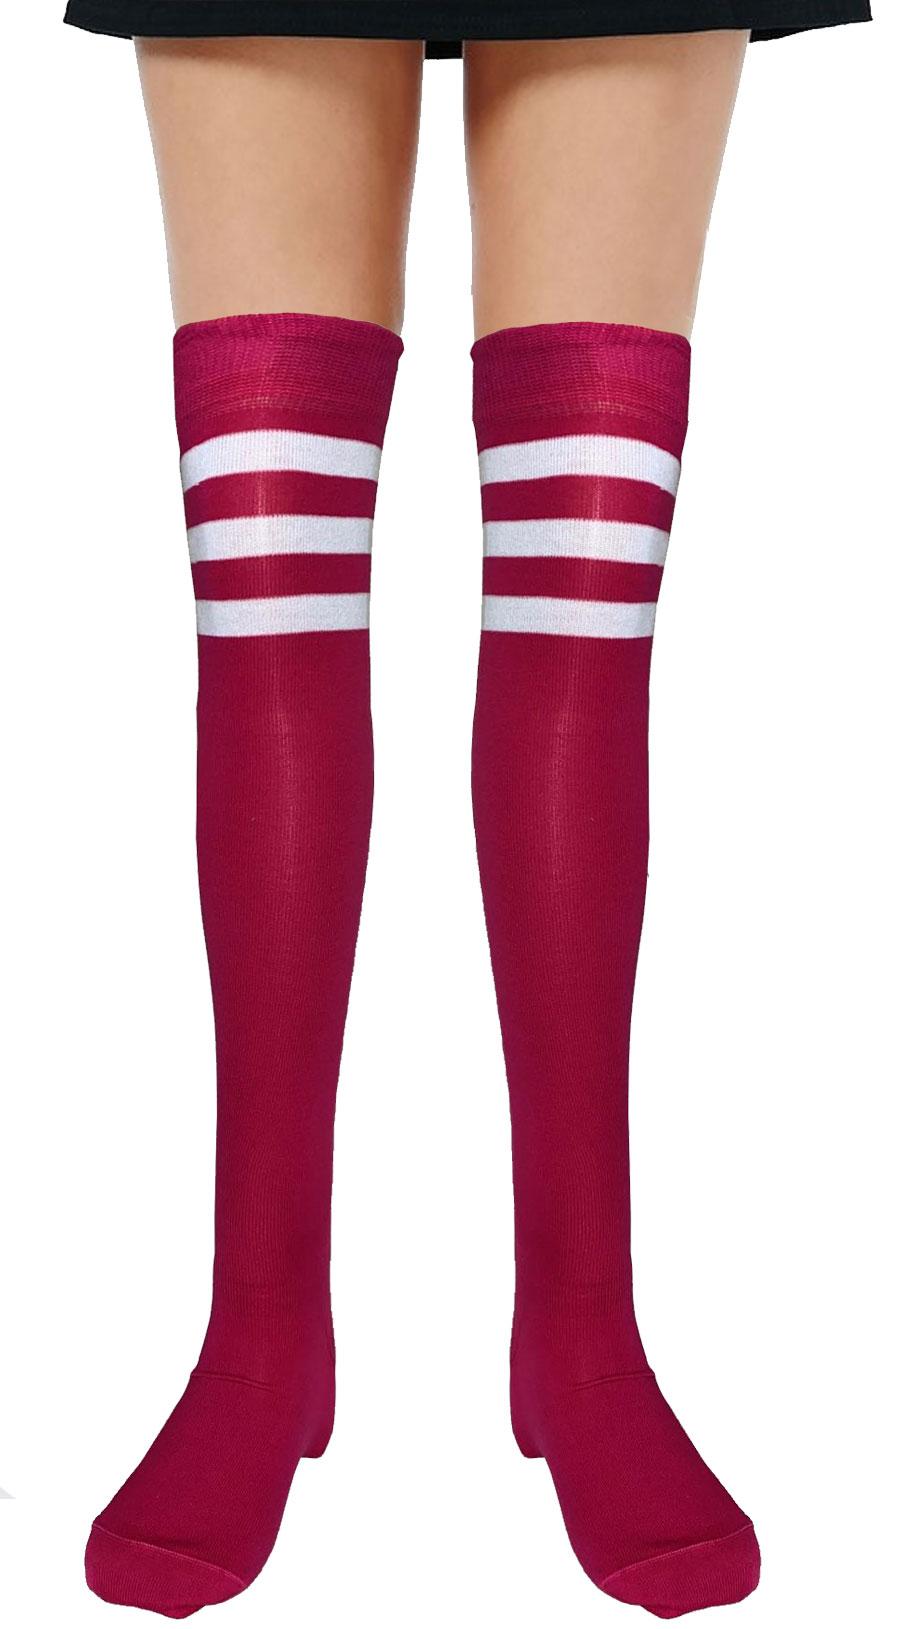 Referee Pink and White OTK Socks (12 Pairs)